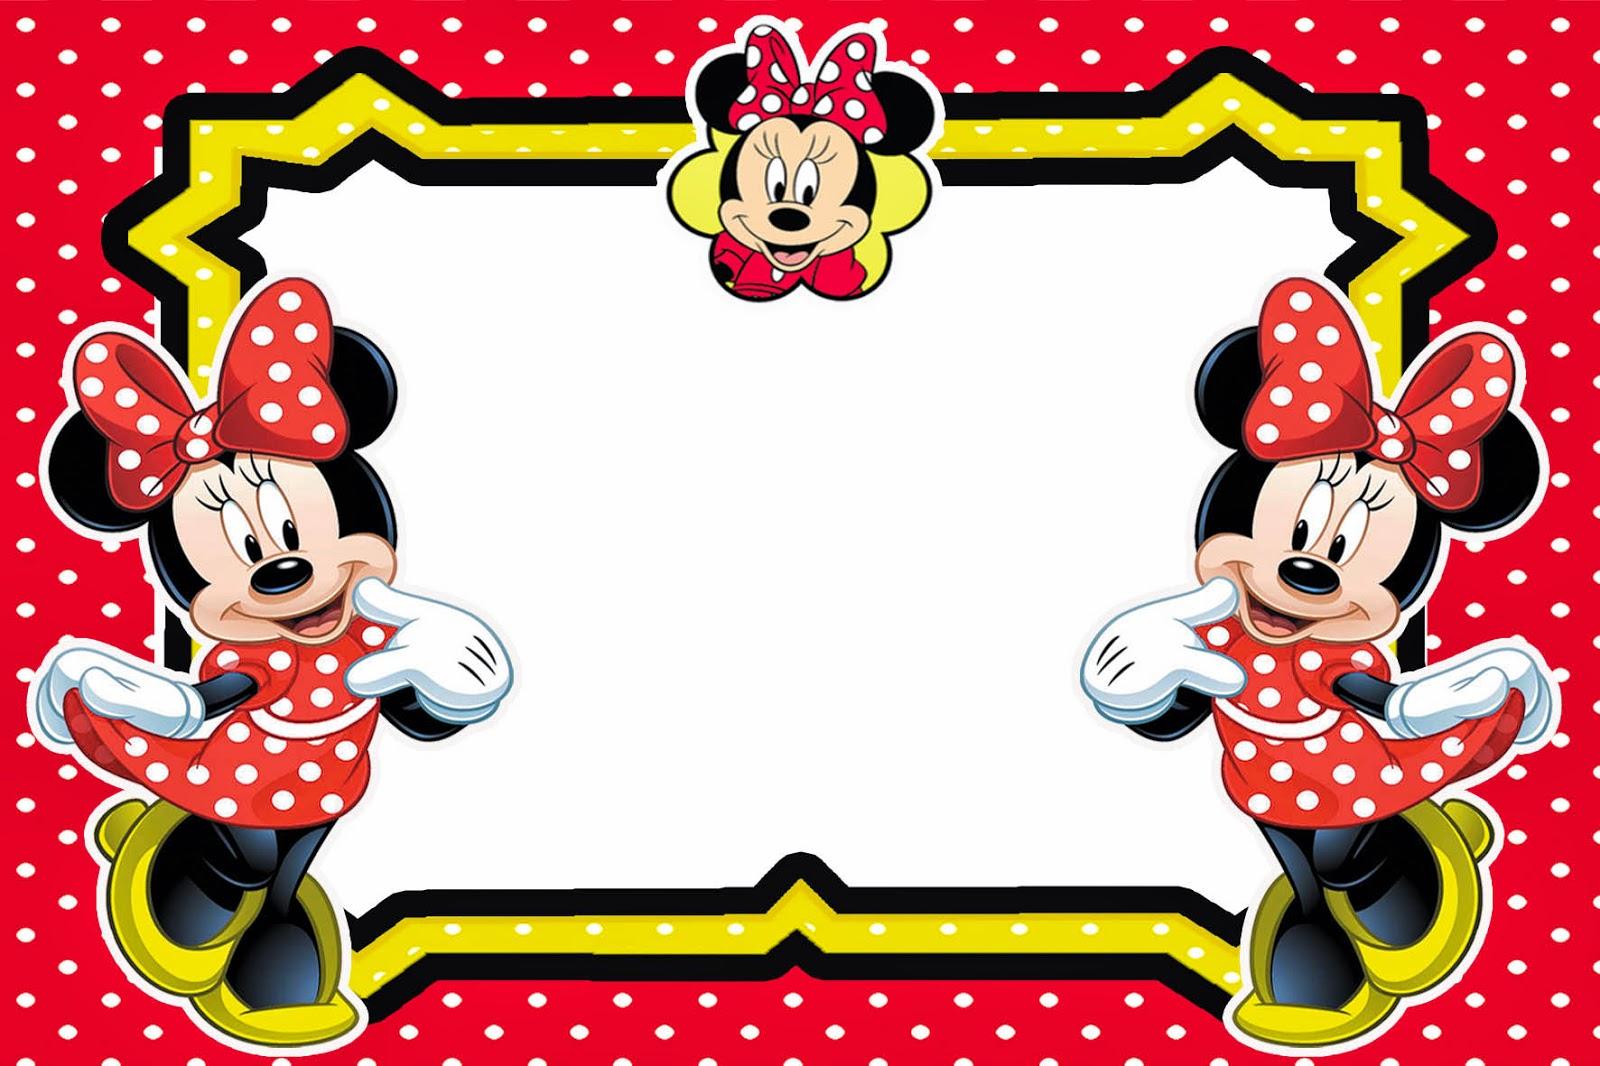 Lembrancinhas Personalizadas Da Rcbx Minnie Vermelha Kit Digital